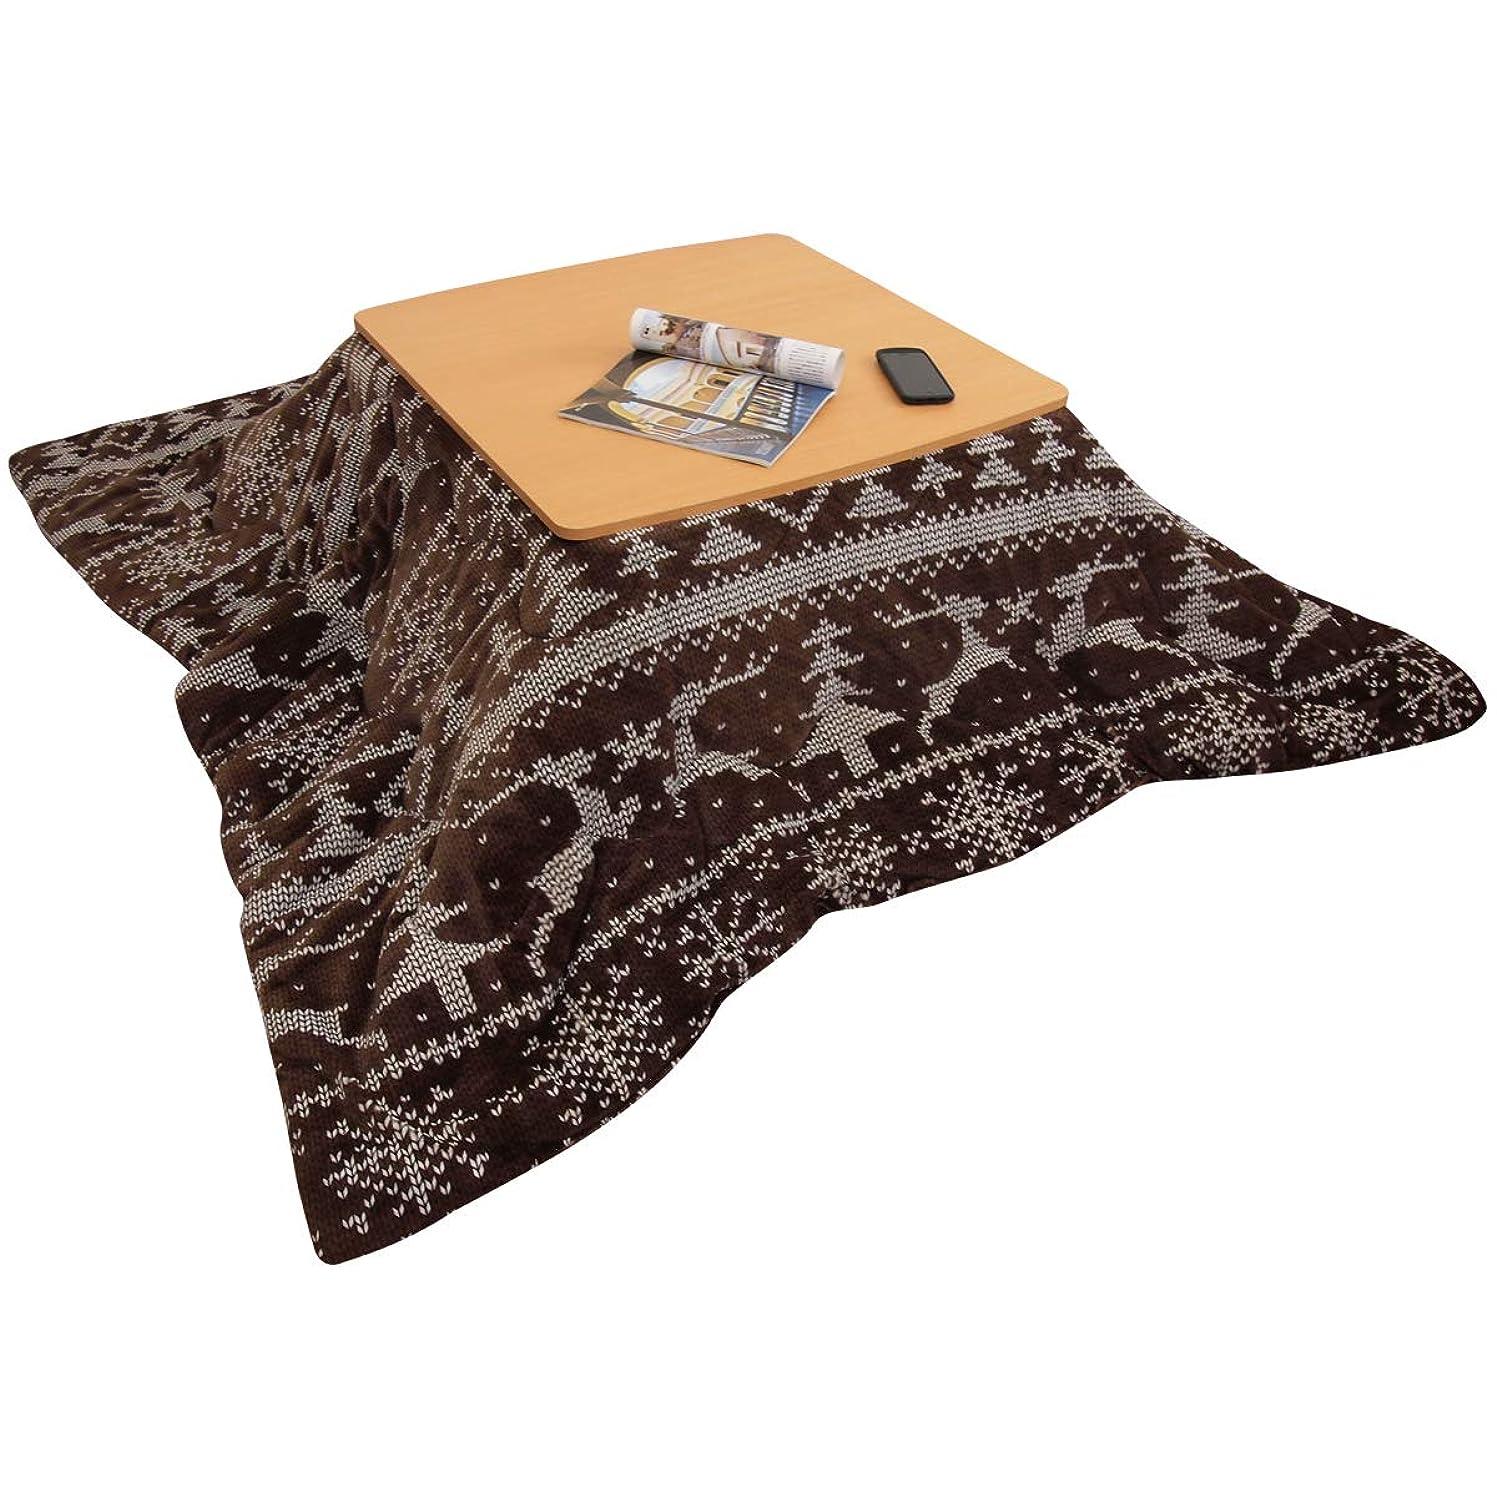 酸っぱいデマンドページこたつ布団 正方形 185×185cm ノルディックボーダー柄 やわらかフランネル こたつ掛け布団 (ブラウン)